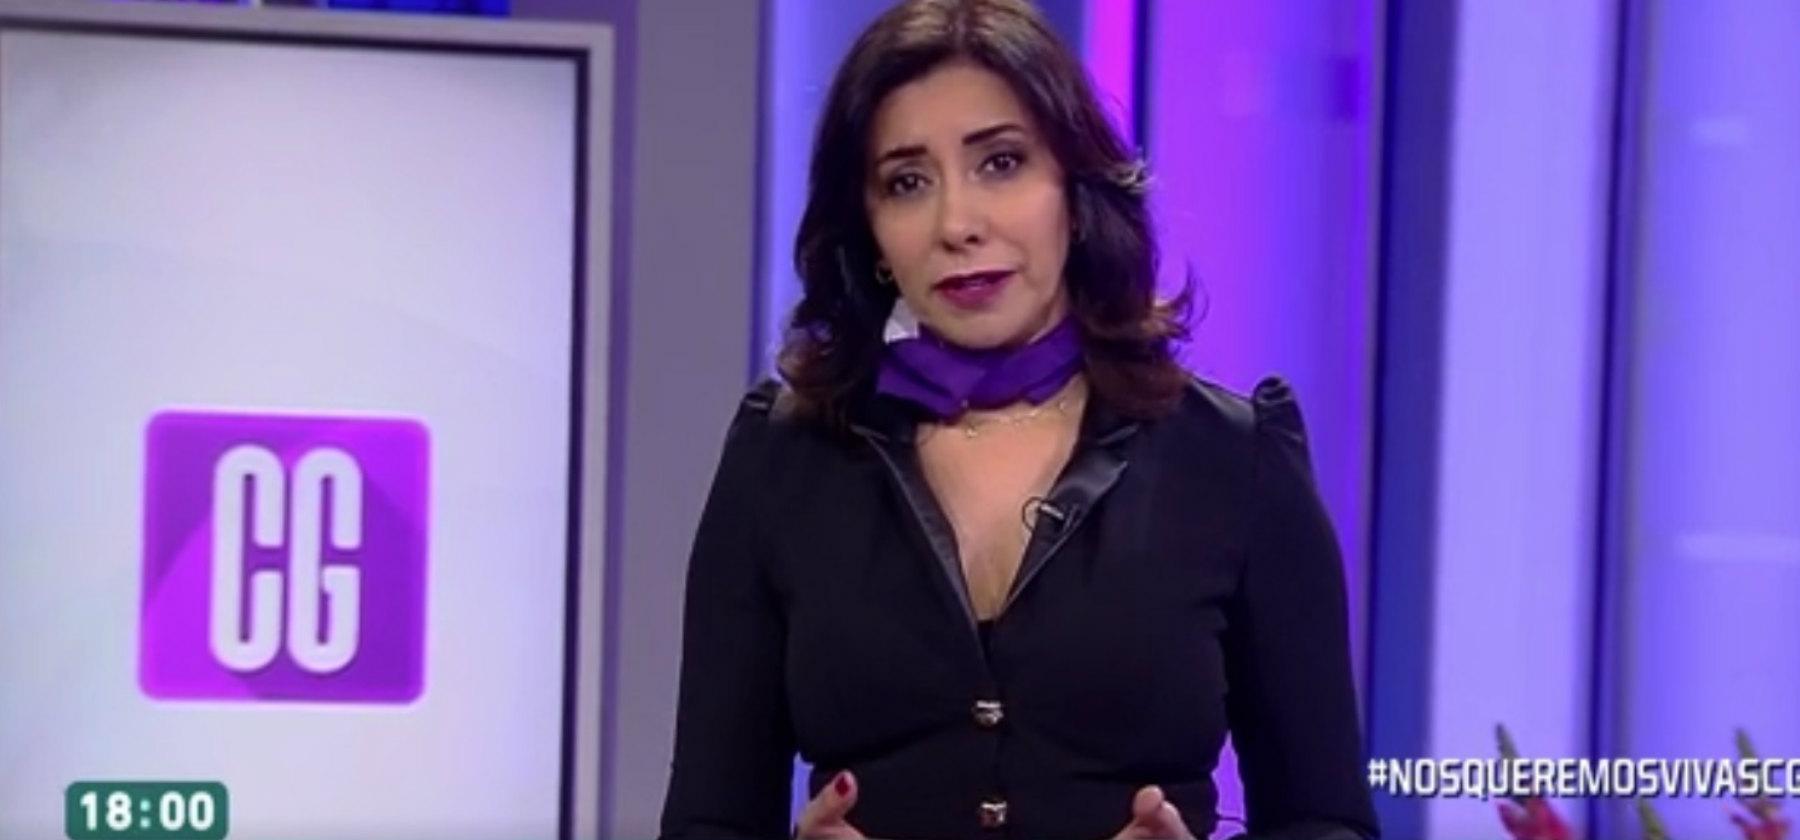 """Carmen Gloria Arroyo compartió especial mensaje sobre la violencia de género: """"Nos queremos vivas"""""""